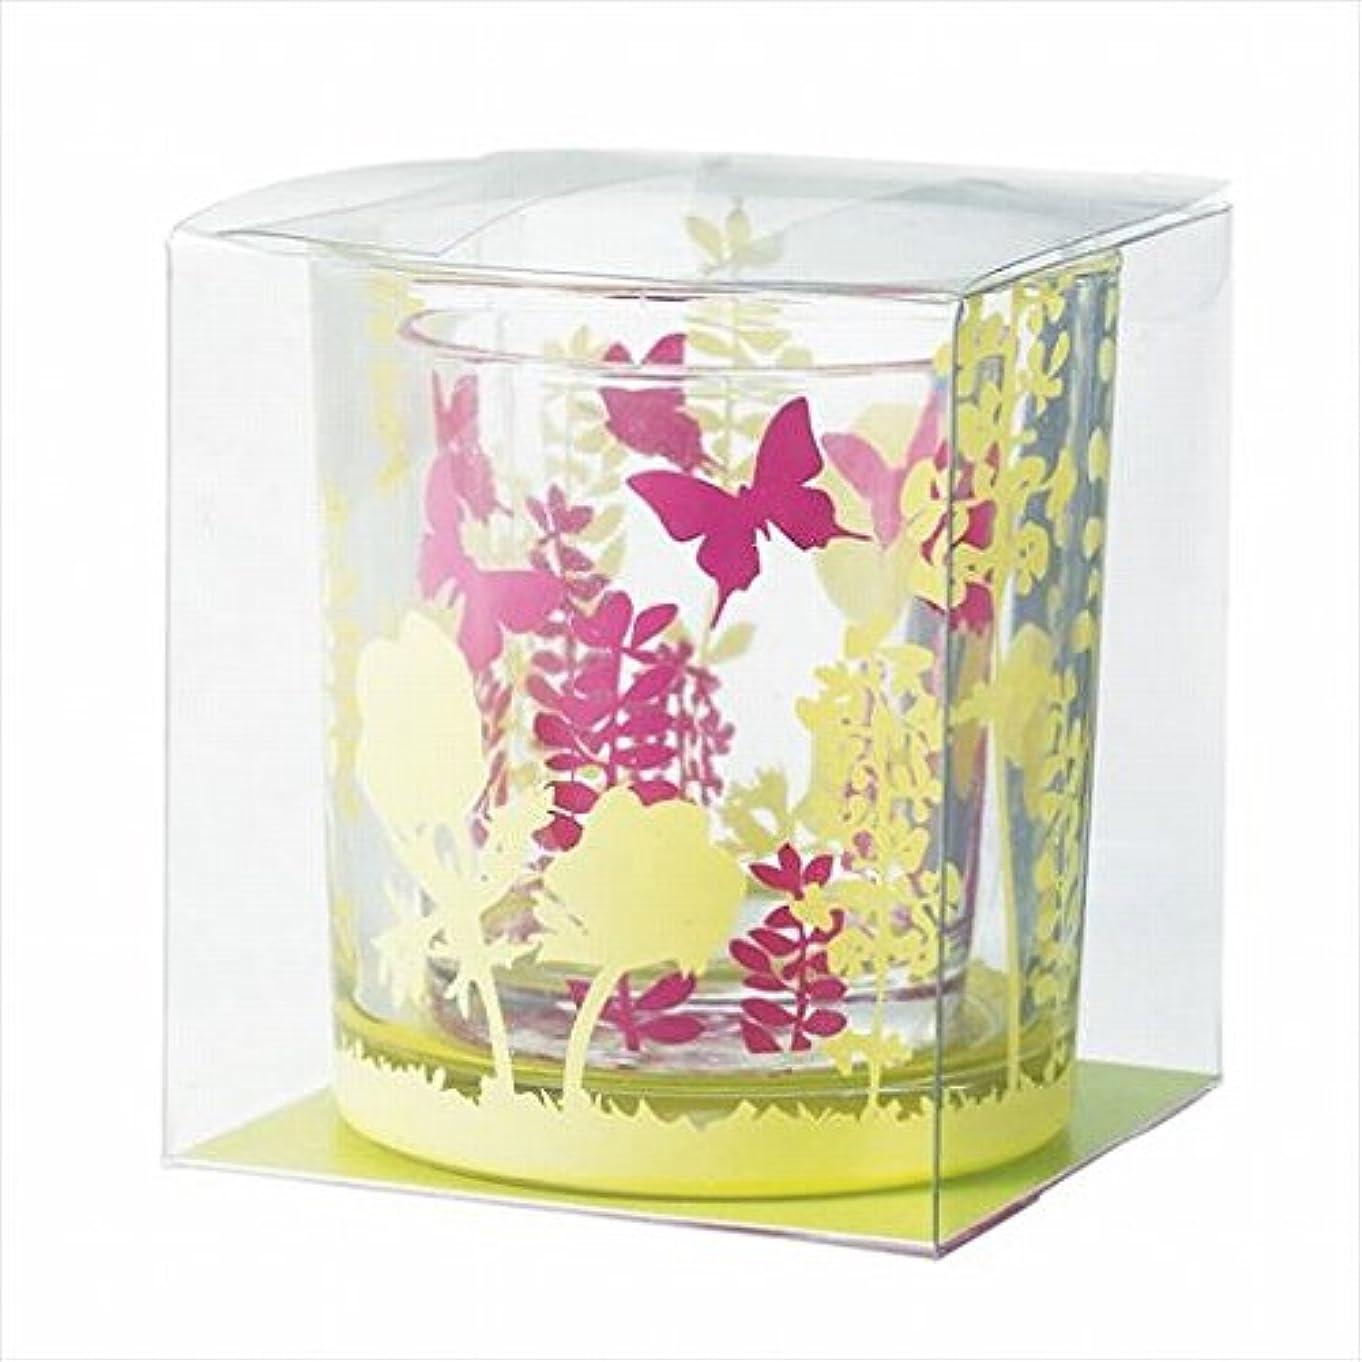 症状ご予約麻酔薬カメヤマキャンドル(kameyama candle) ブルーミングデュエットグラス 「 ウォームカラー 」